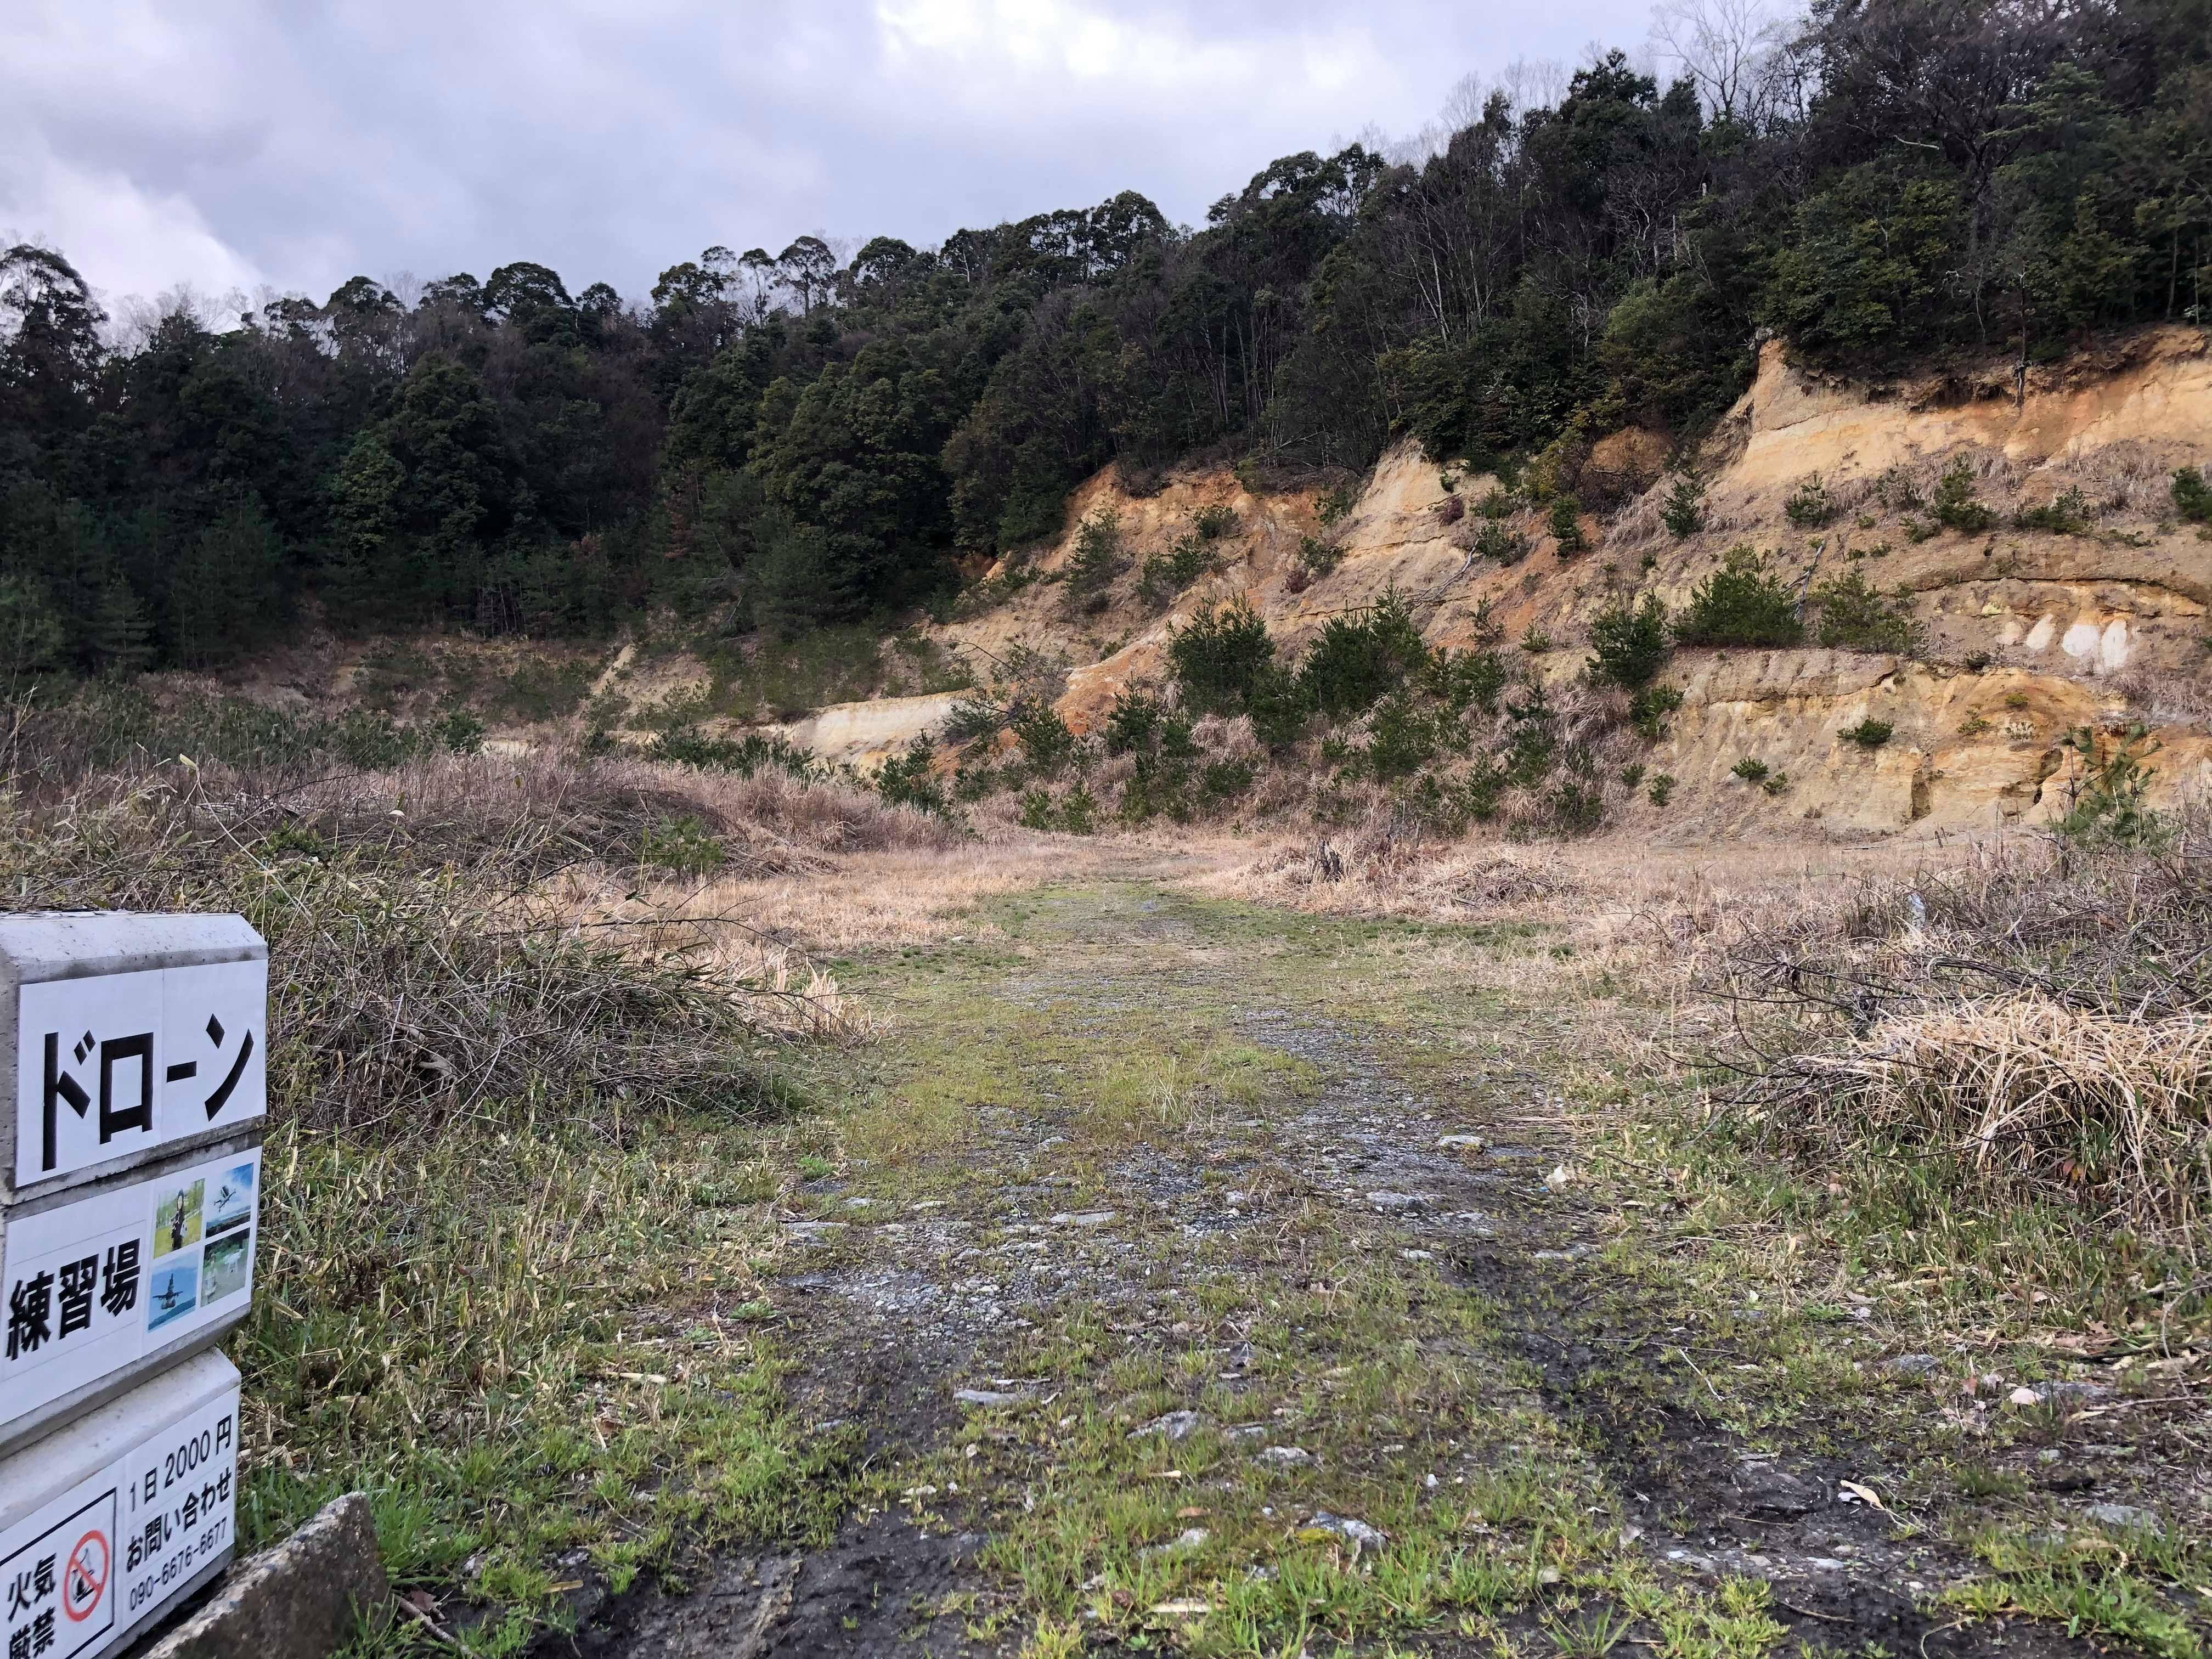 併設のドローン練習場も使用可能です。野球場の外野くらいです。